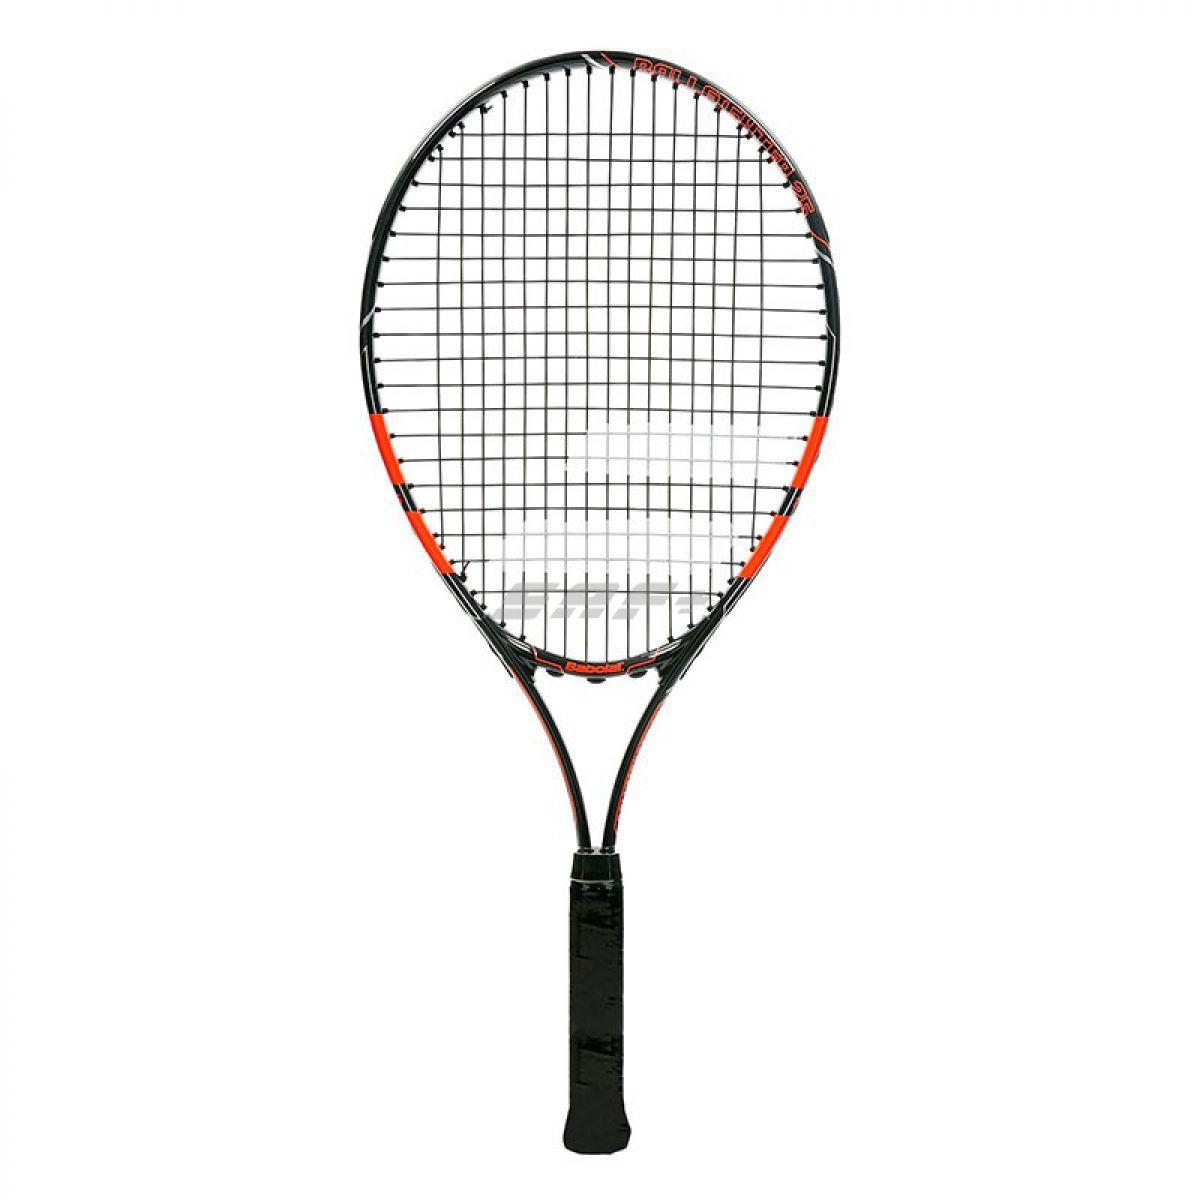 Ракетка теннисная BABOLAT Ballfighter 25